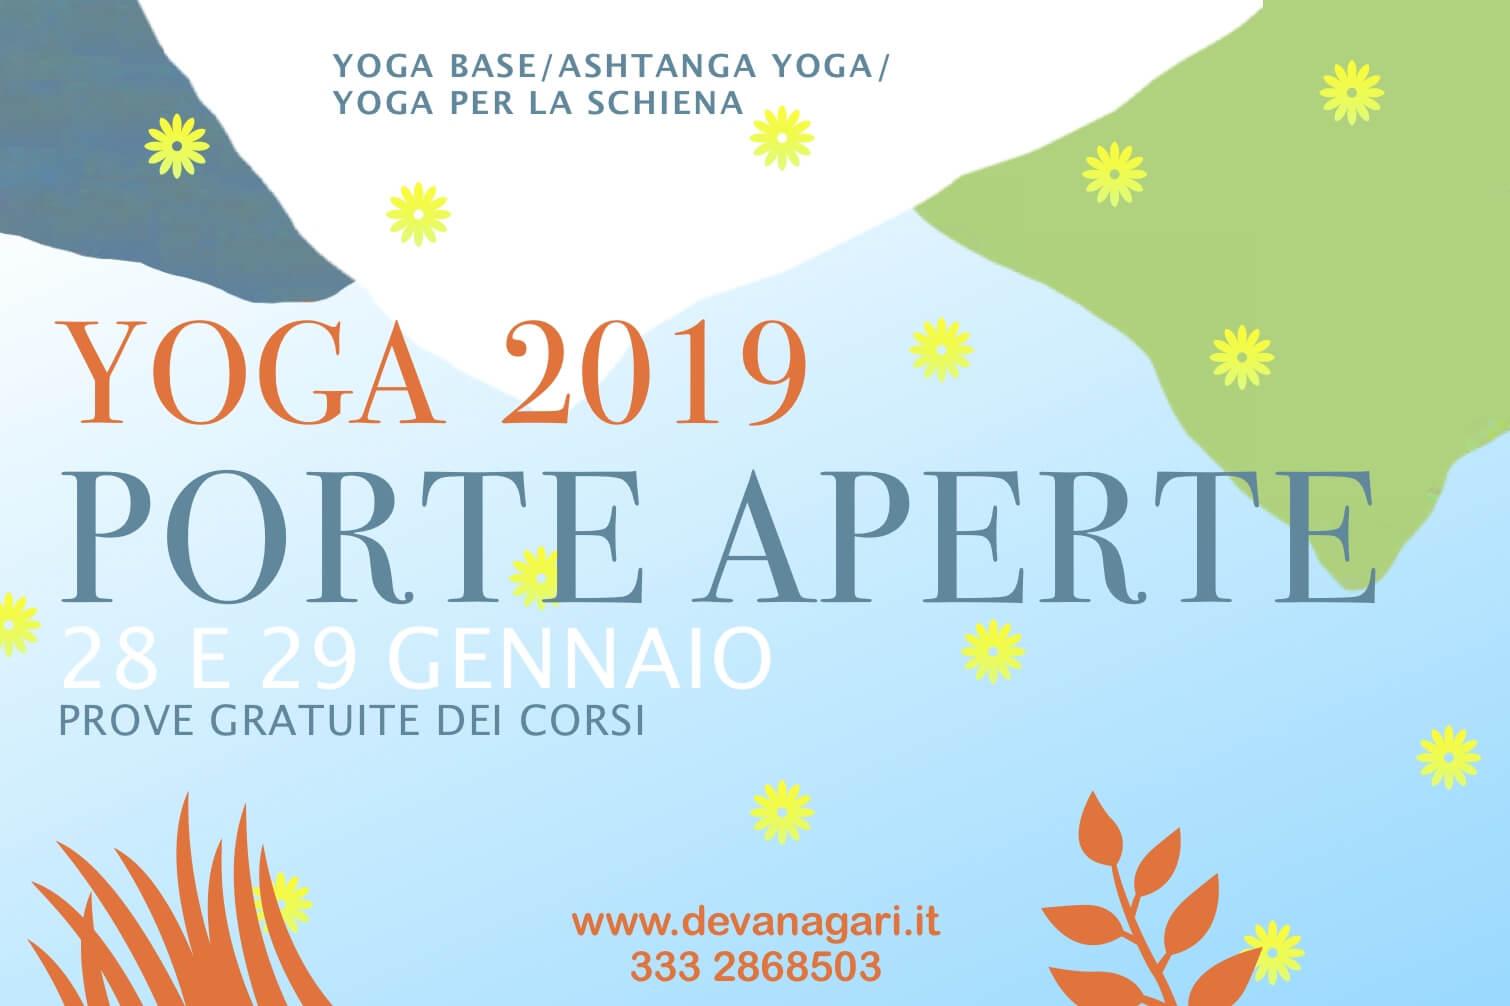 Porte Aperte - Devanagari - Centro Yoga Aosta